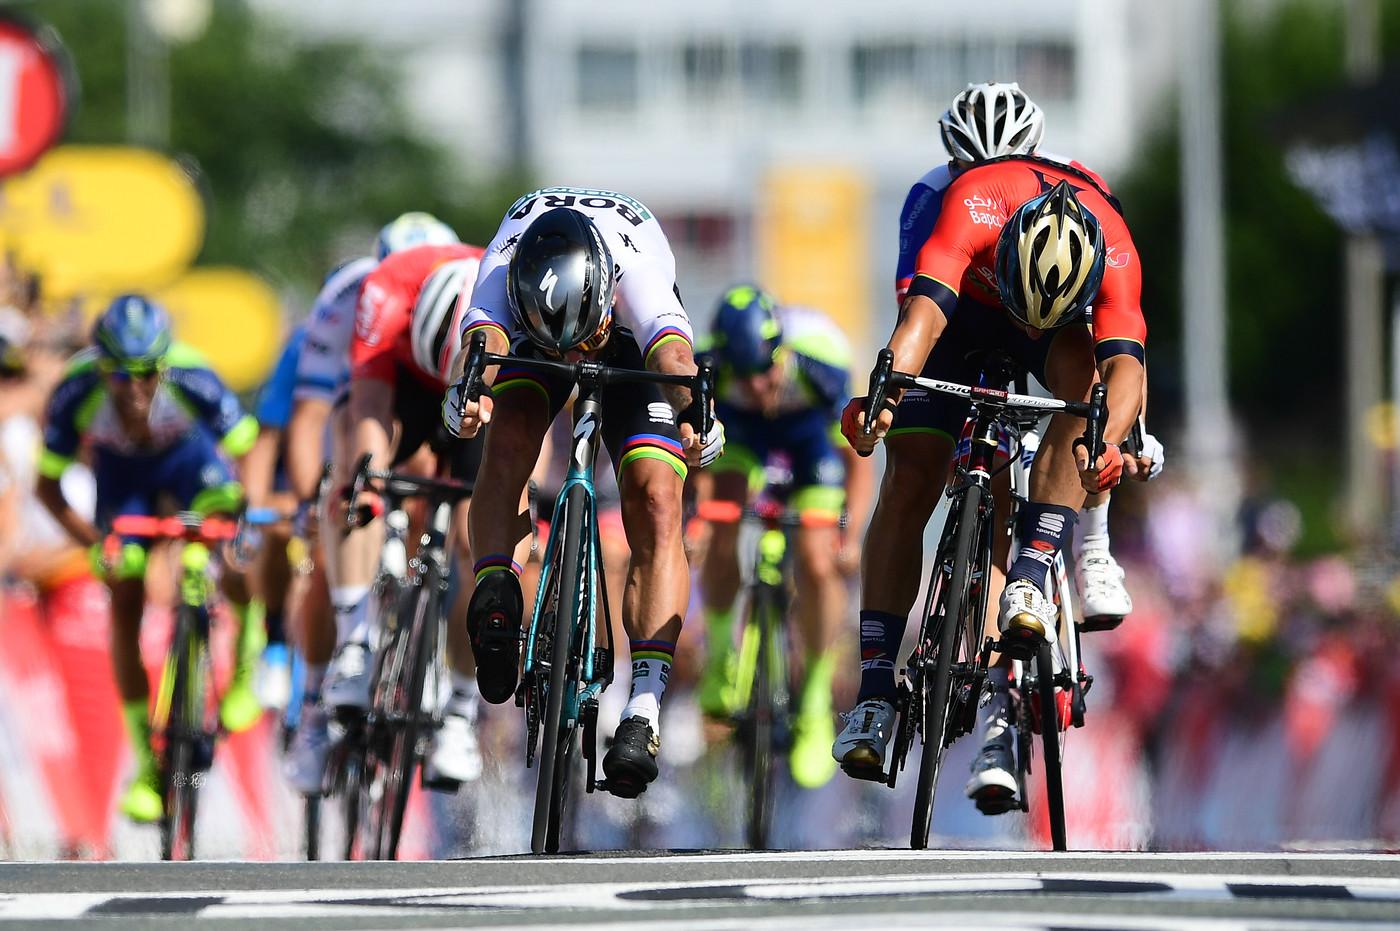 2018 Tour de France Sagan wins Stage 2